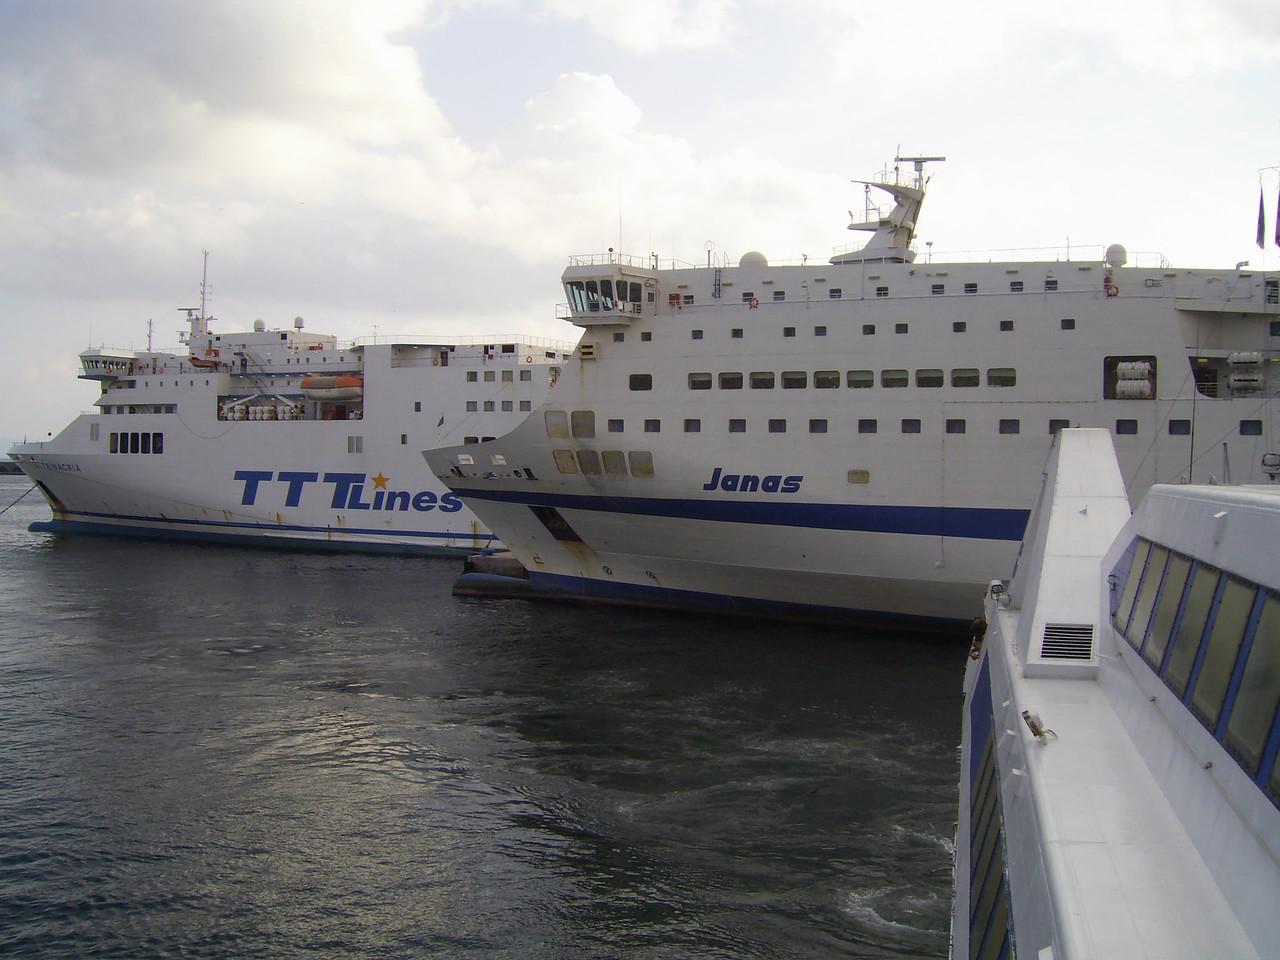 2010 - F/B JANAS and TRINACRIA in Napoli, seen from the bridge of HSC ISOLA DI CAPRI.